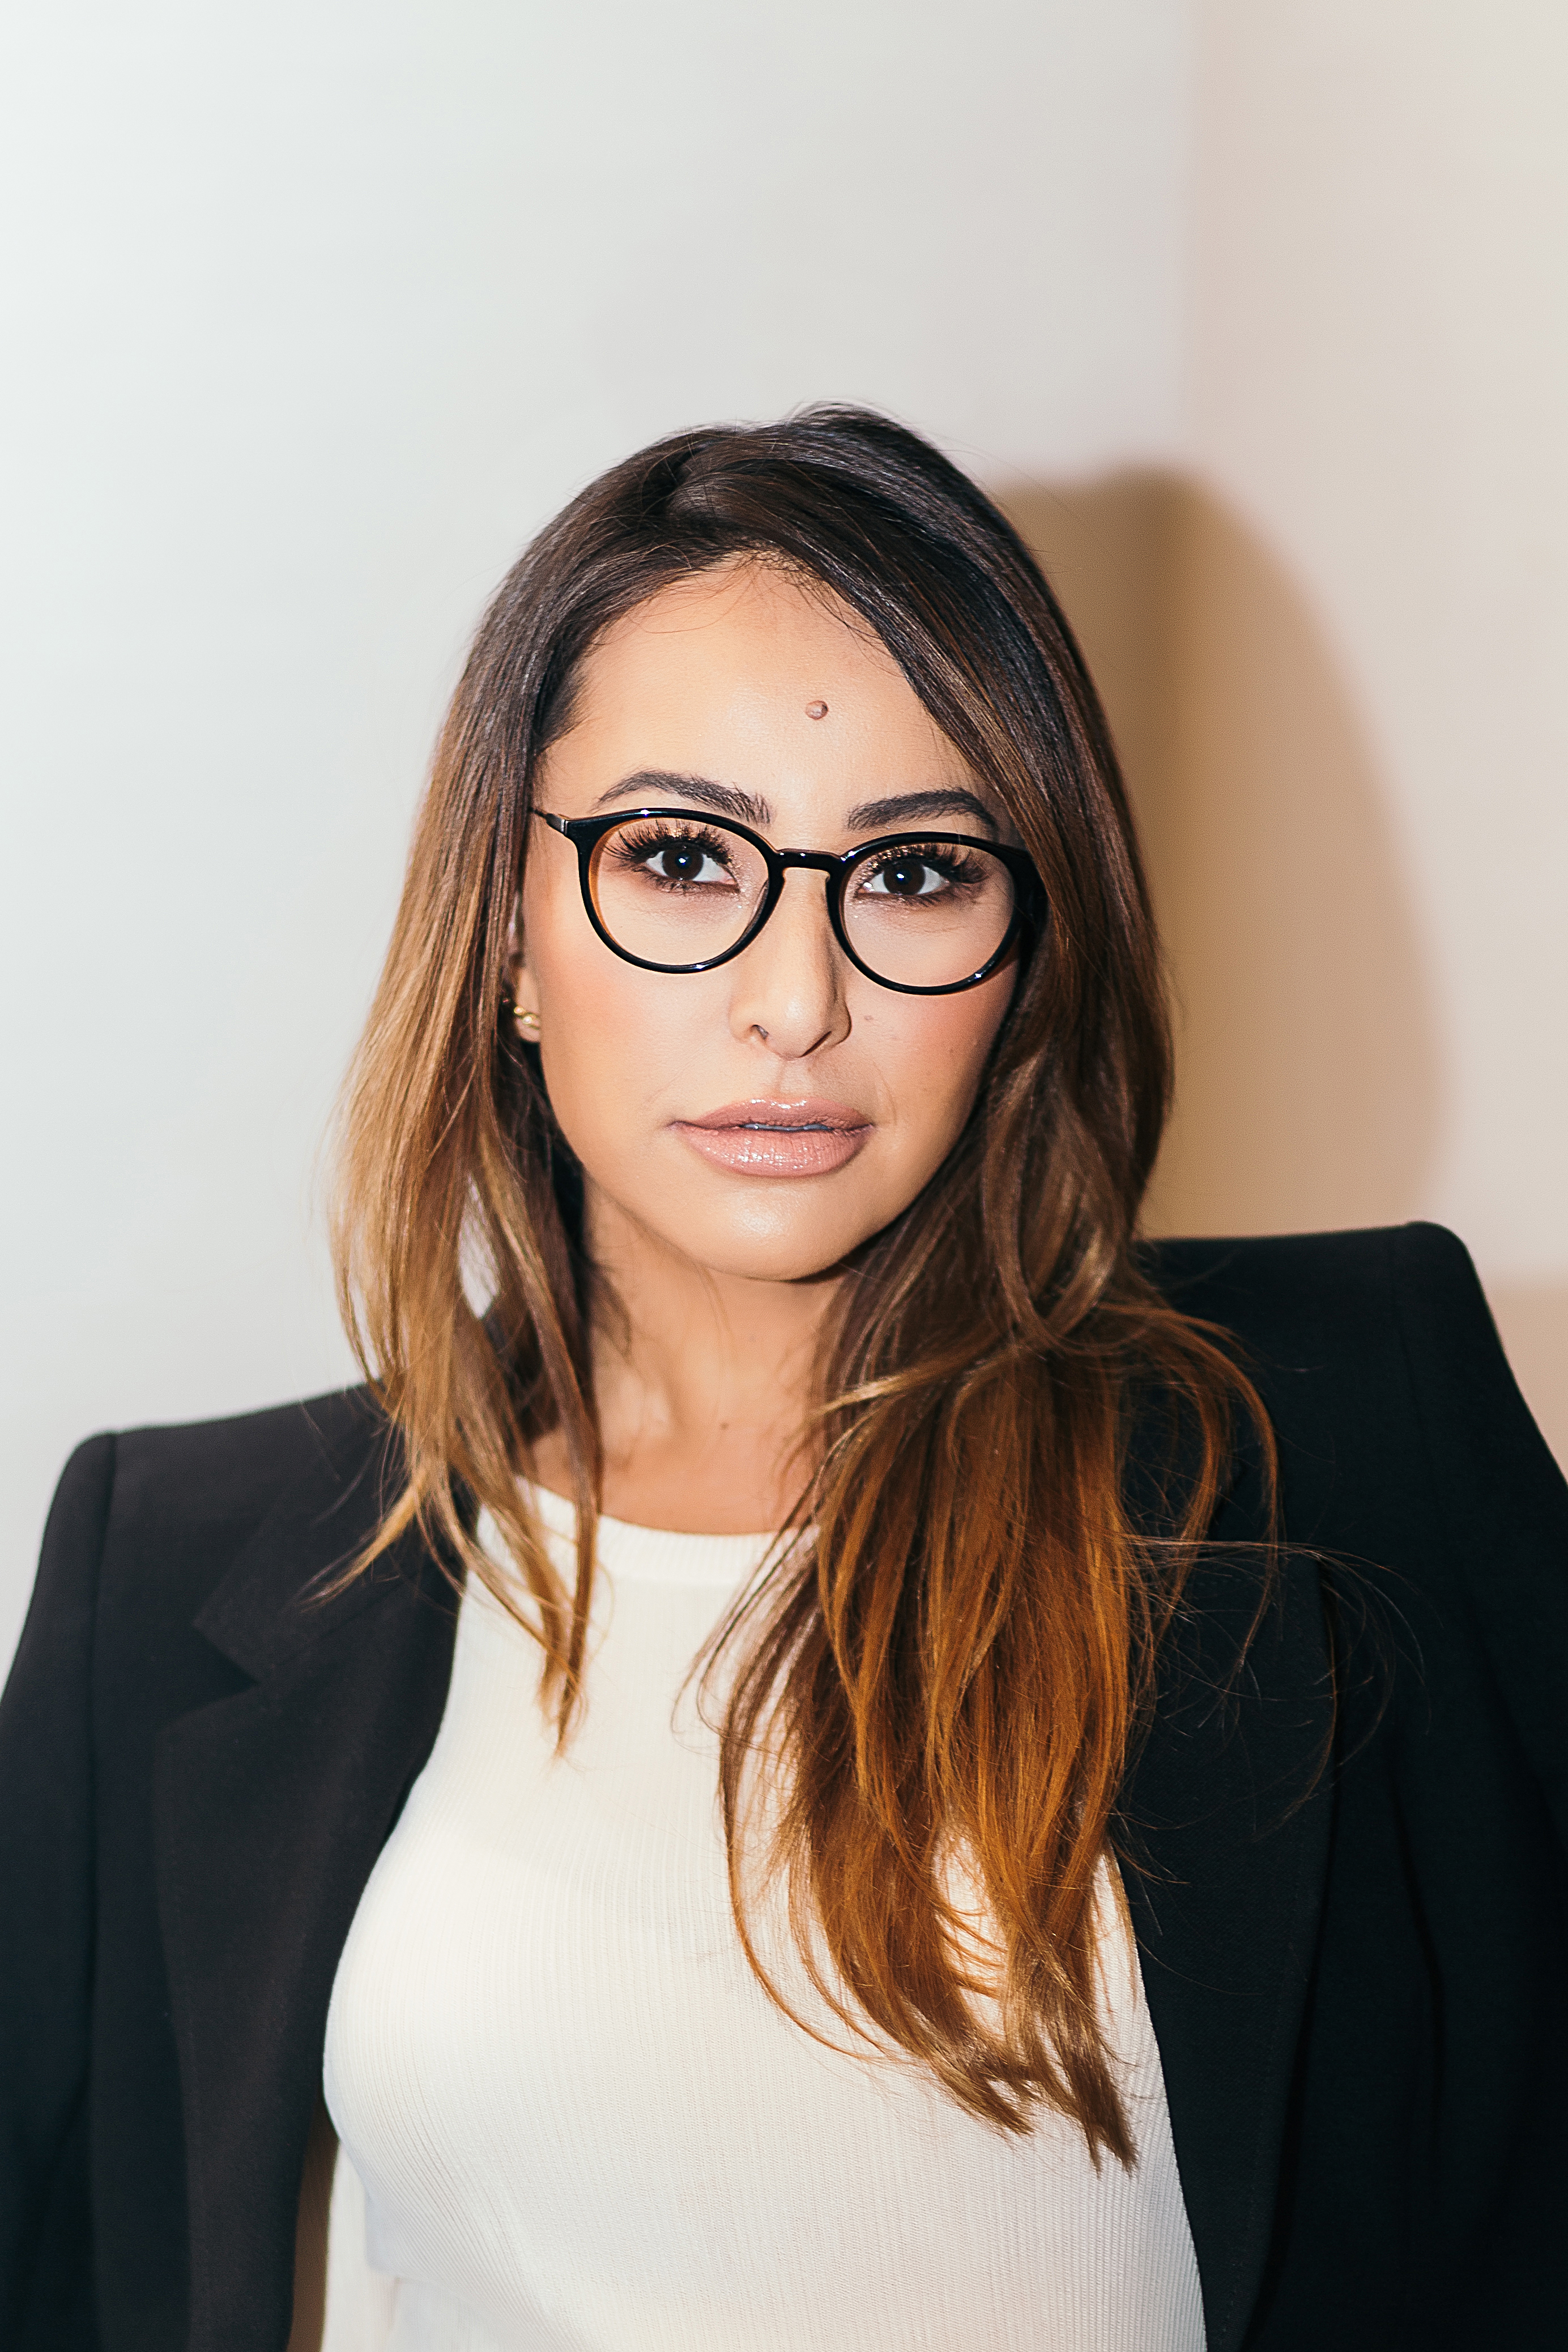 960c1ad43ab23 Óculos Sabrina Sato